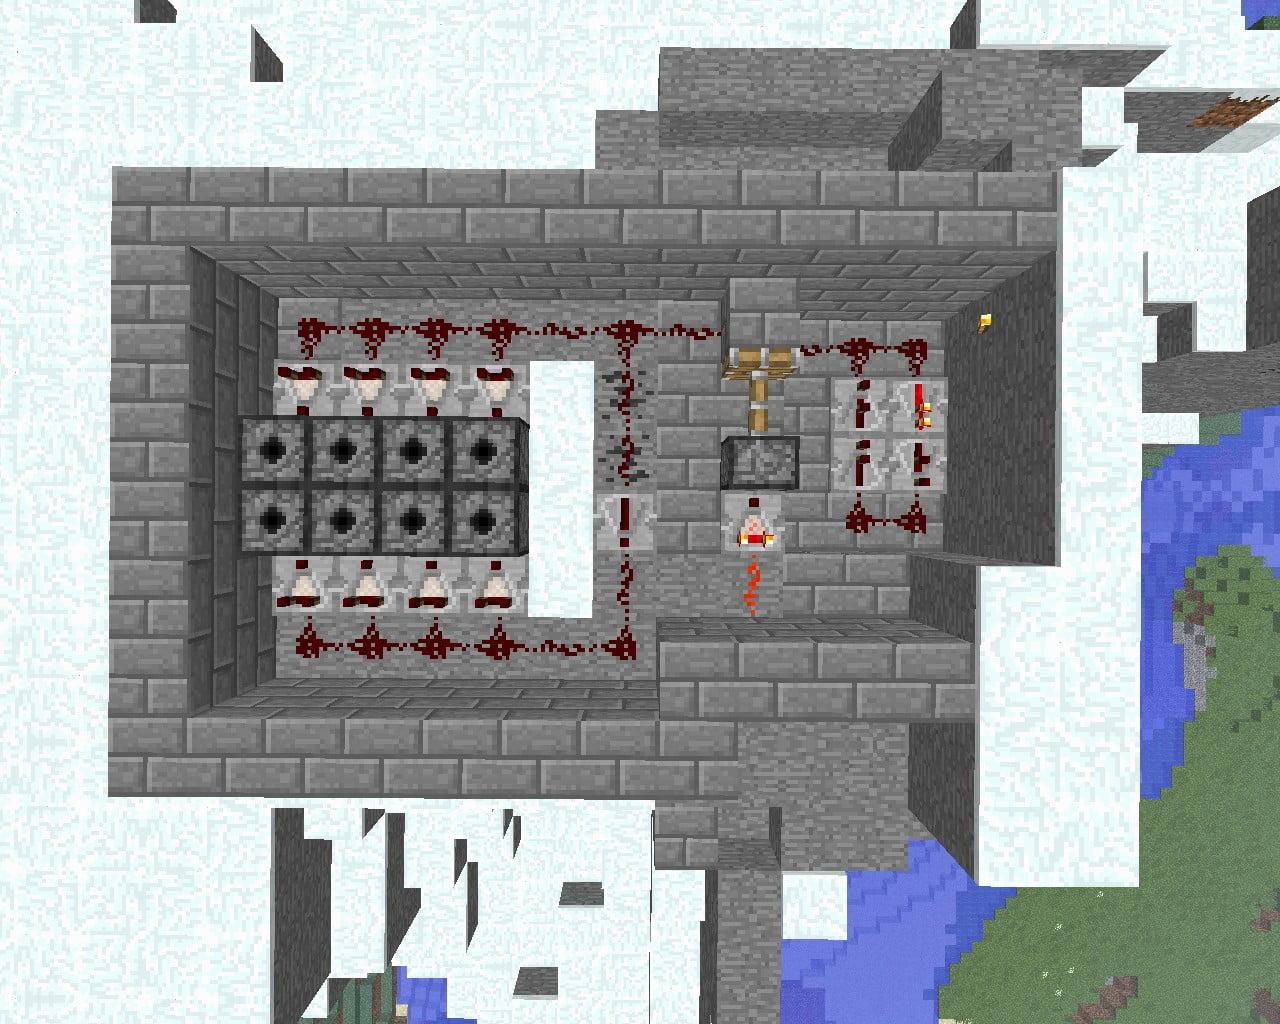 feuerwerksmaschine in minecraft bauen minecraft. Black Bedroom Furniture Sets. Home Design Ideas